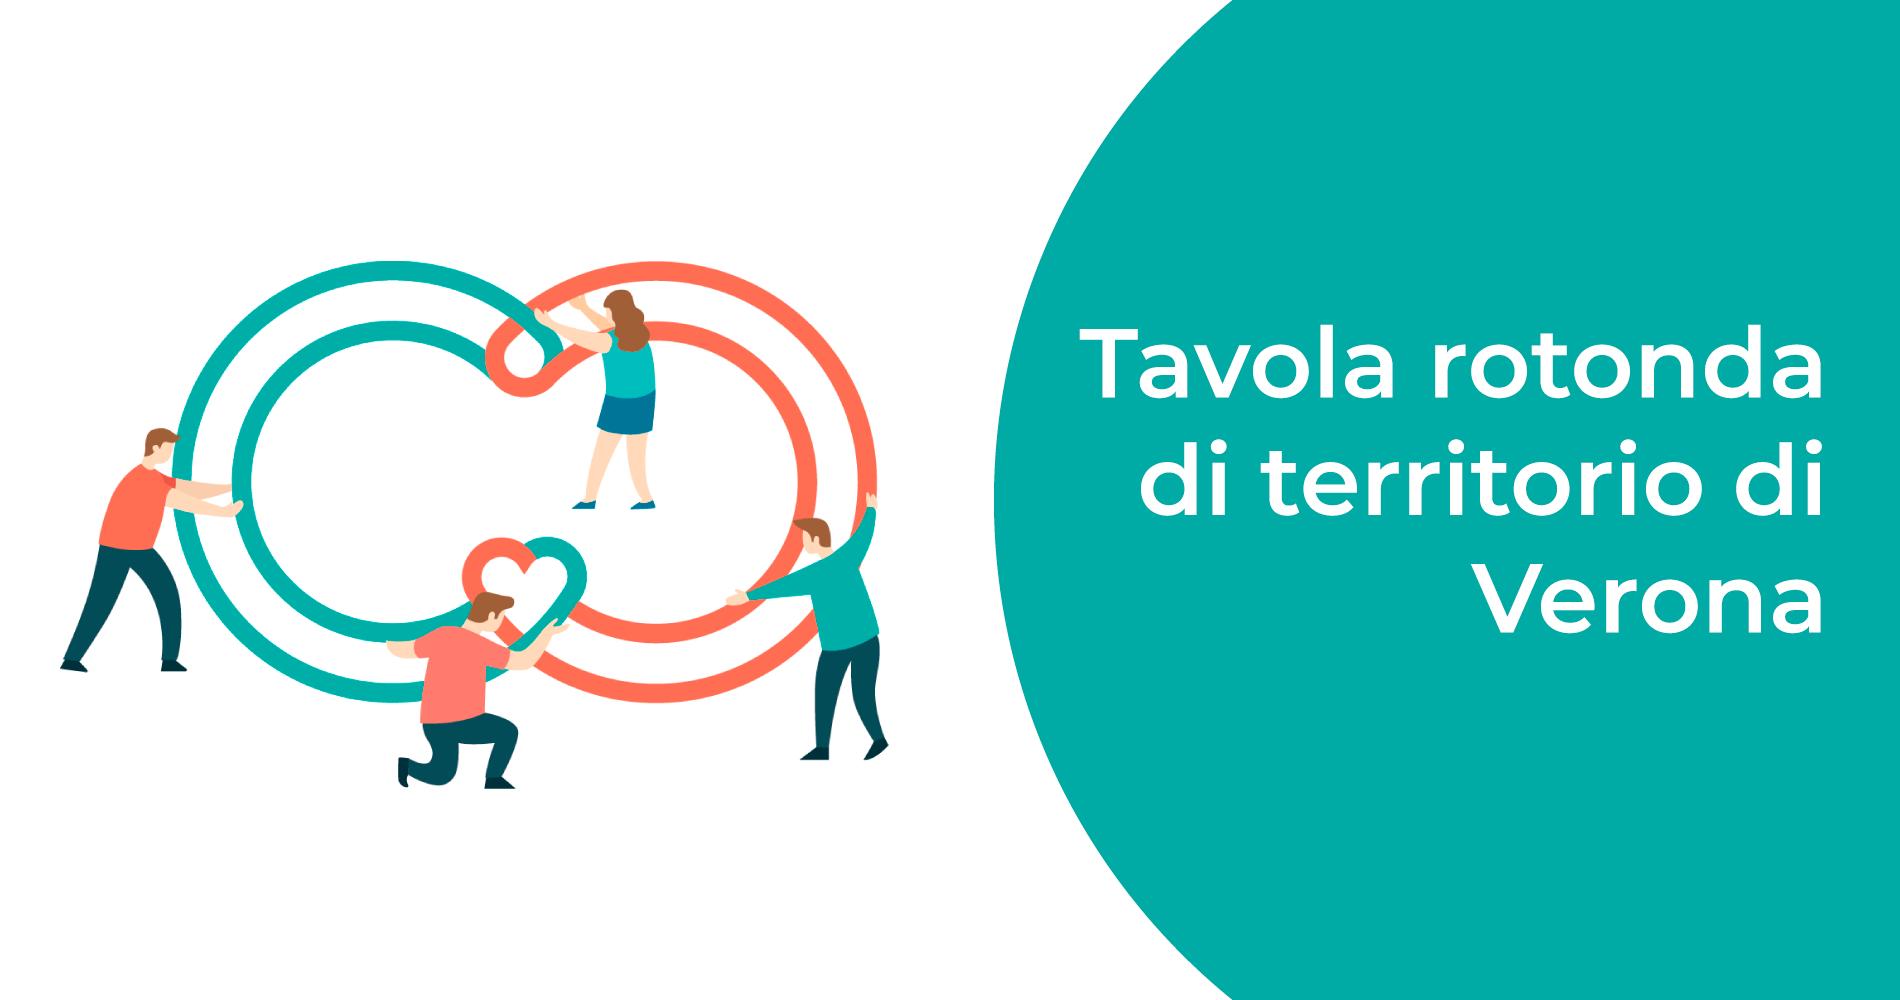 Tavola rotonda di territorio di Verona